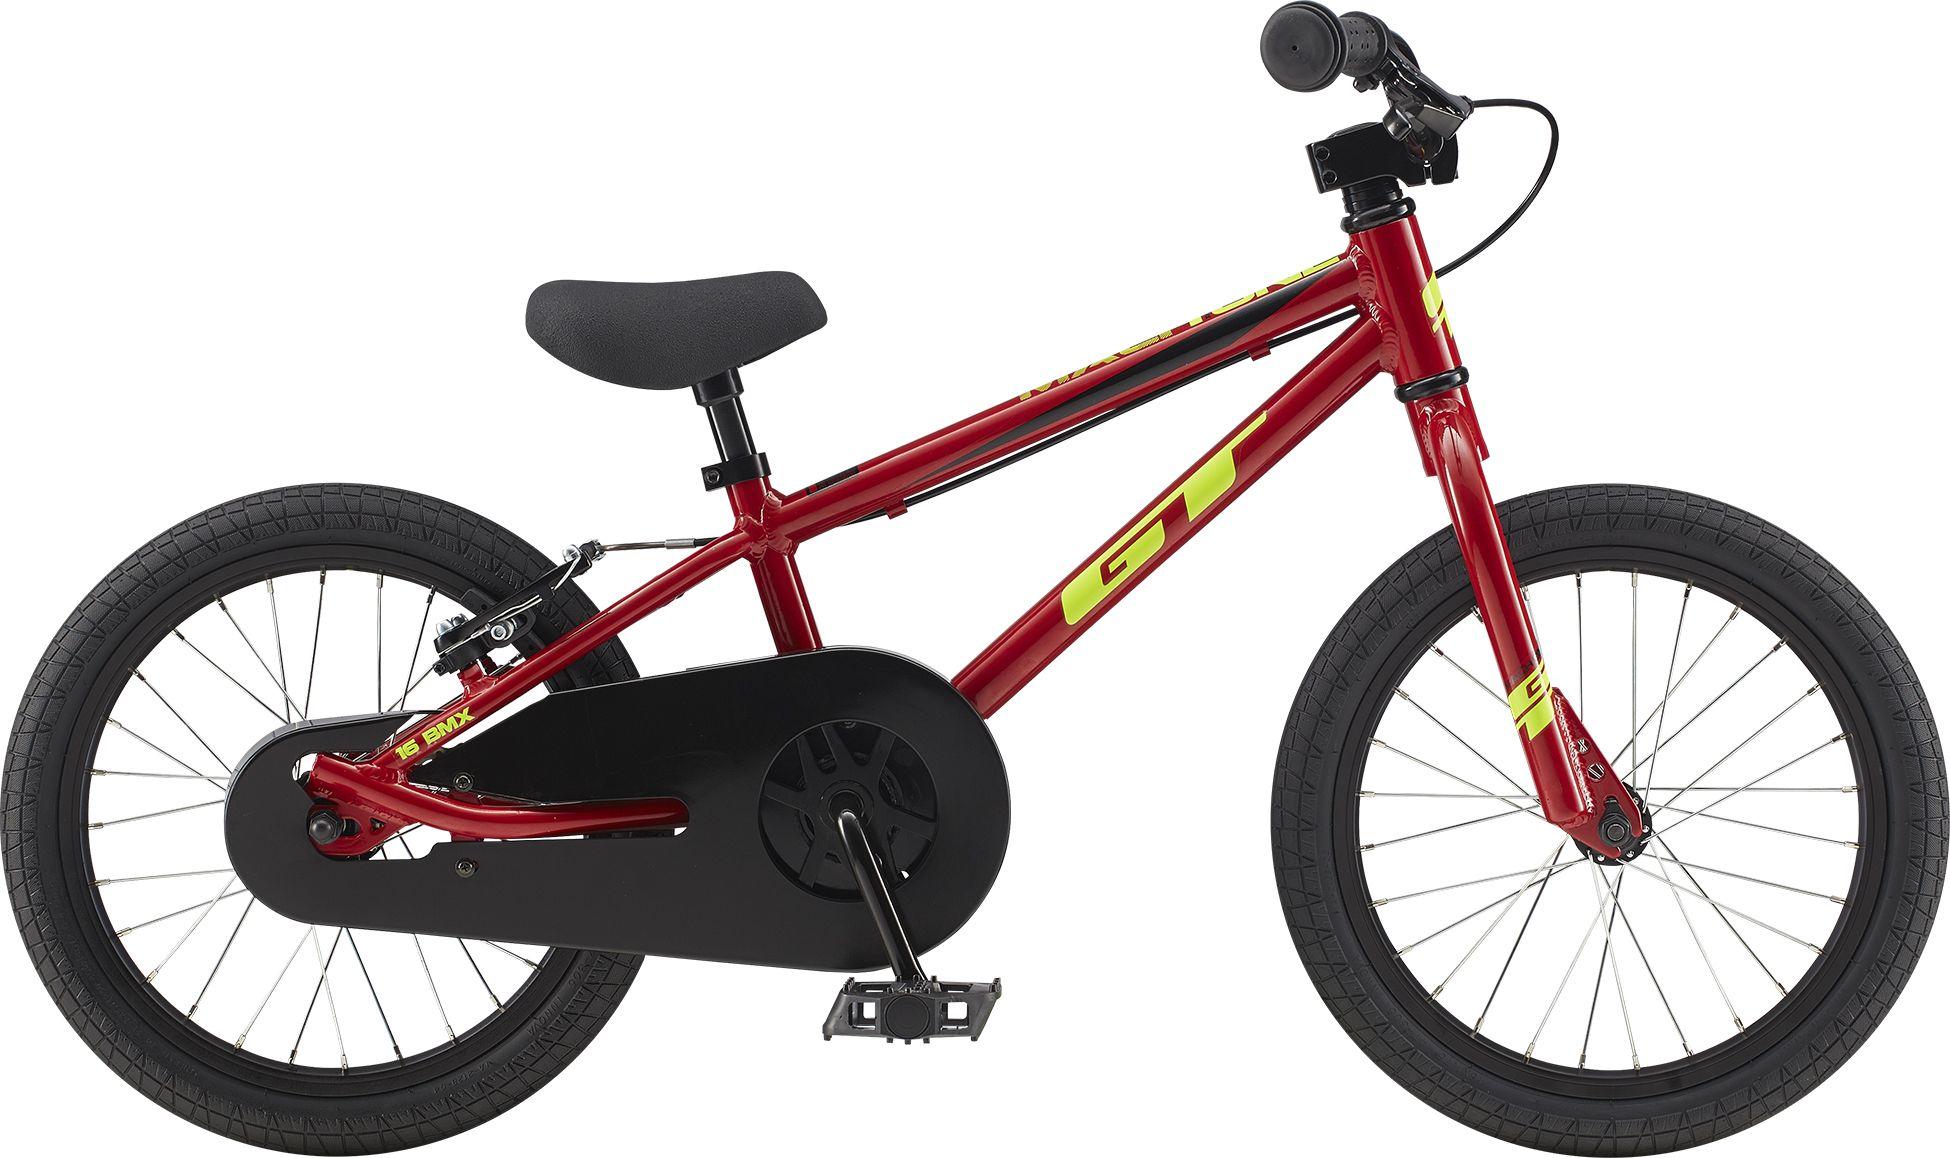 Gt Mach One Freewheel 16 Kids Bmx Race Bike 2020 | BMX